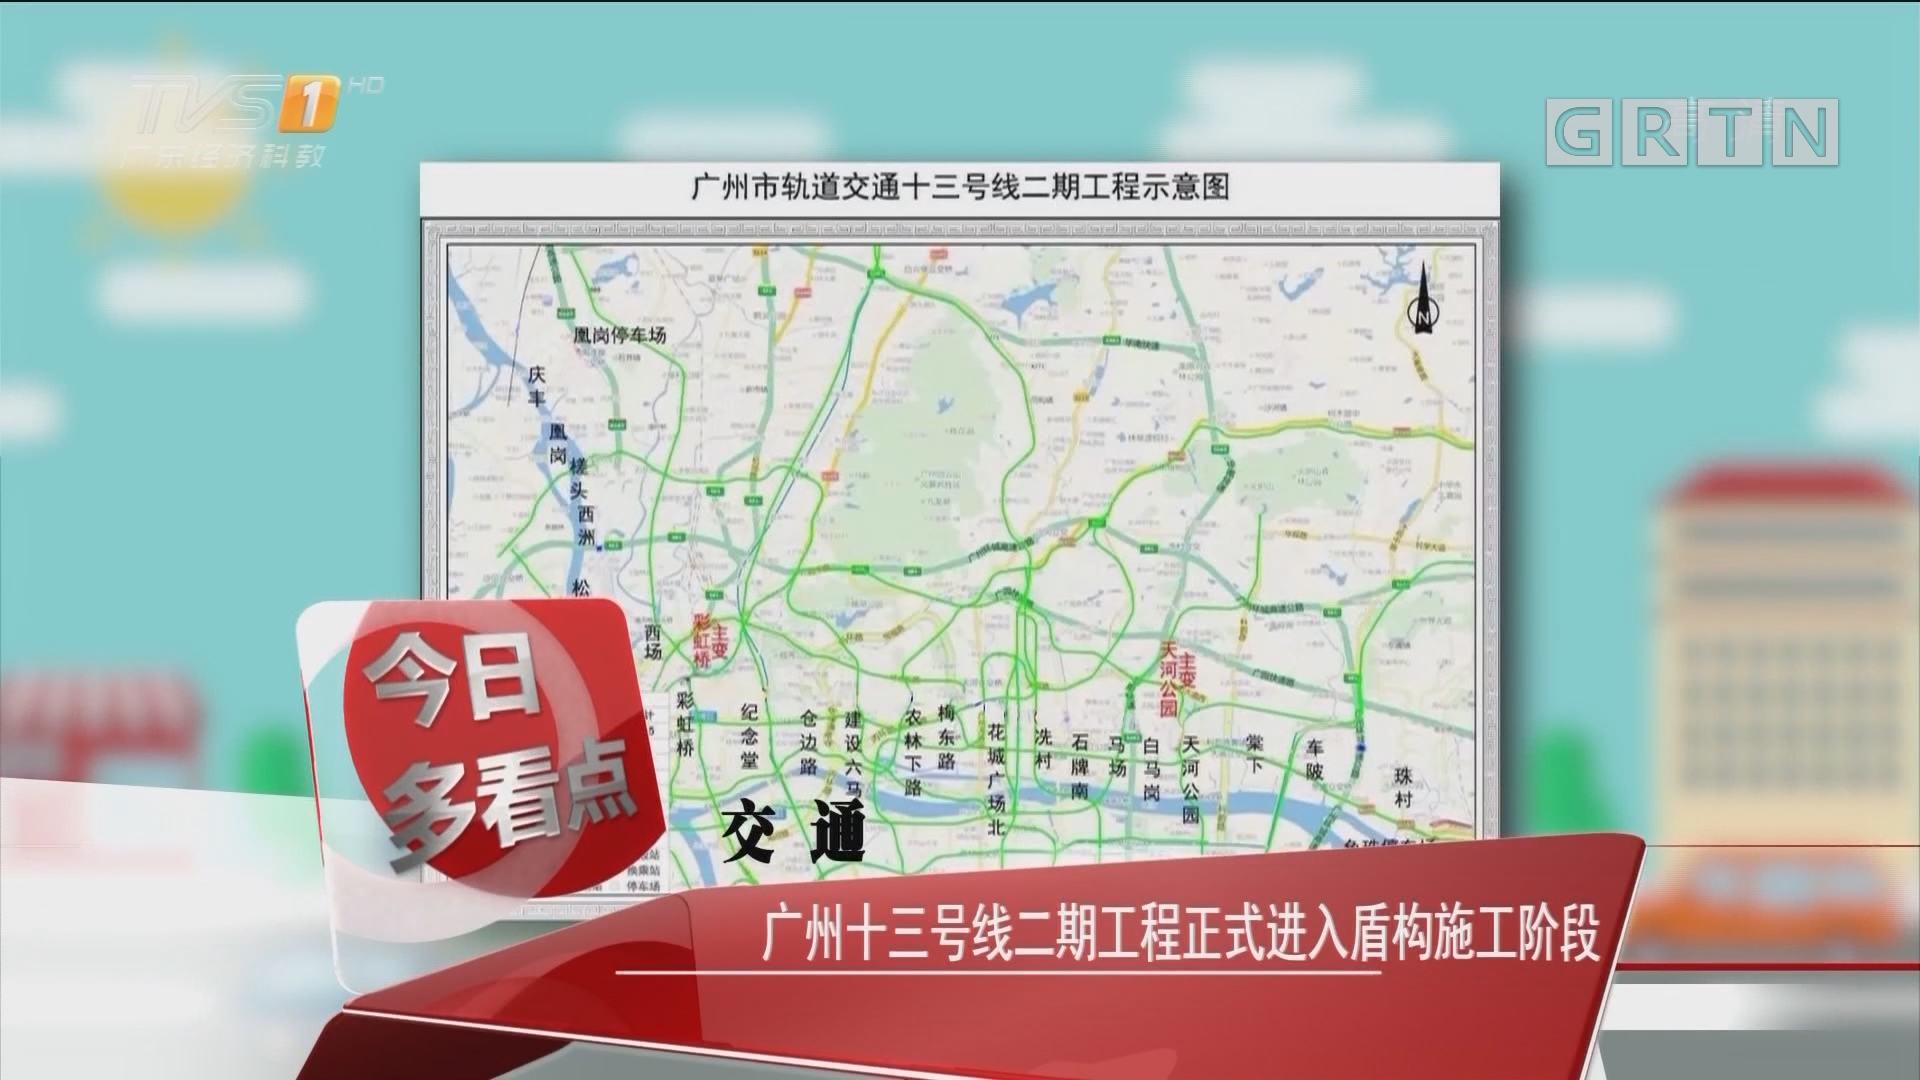 交通:广州十三号线二期工程正式进入盾构施工阶段